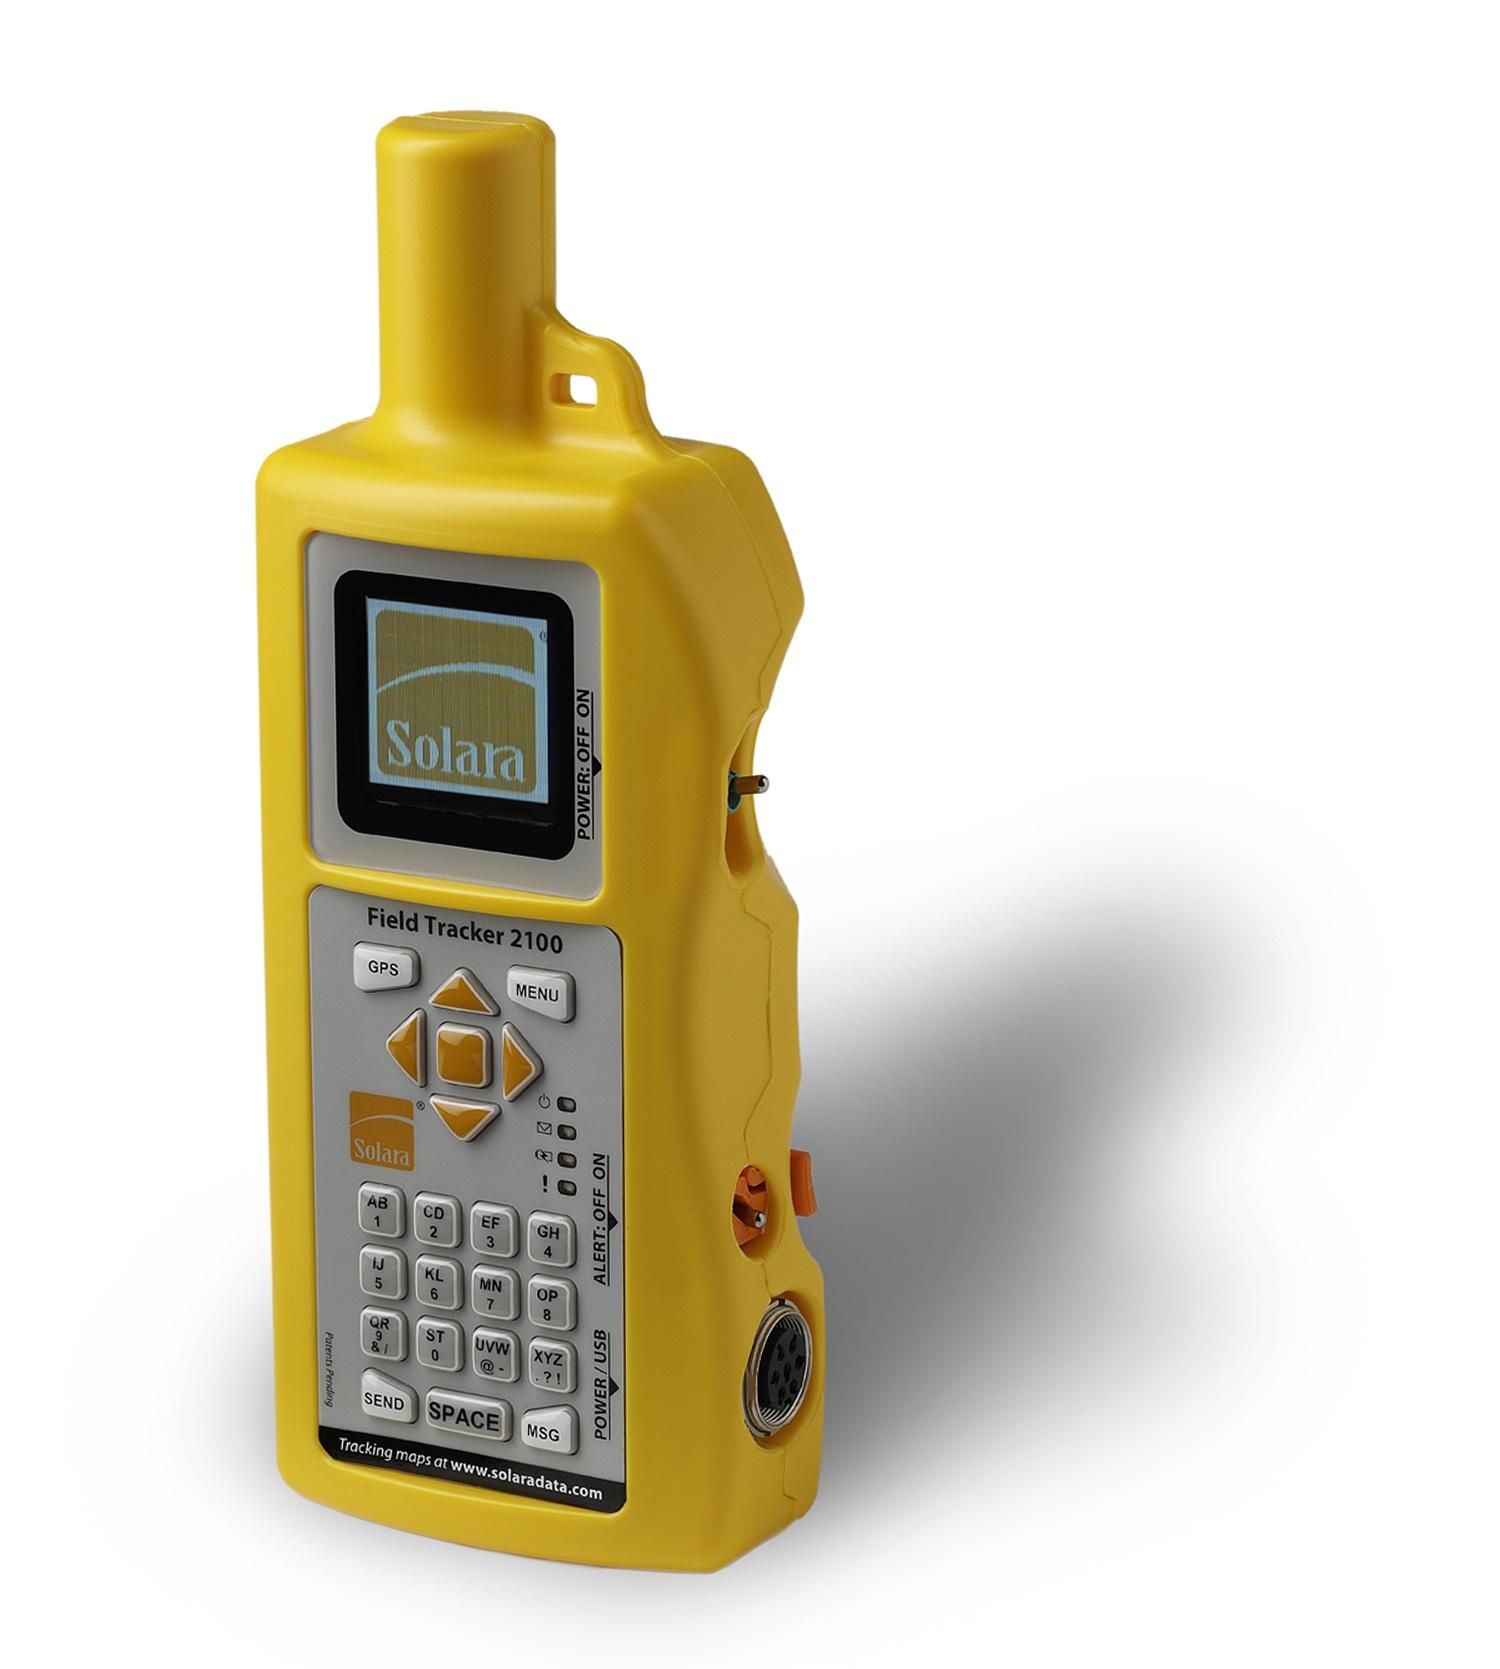 Solara Field Tracker 2100 Product Image